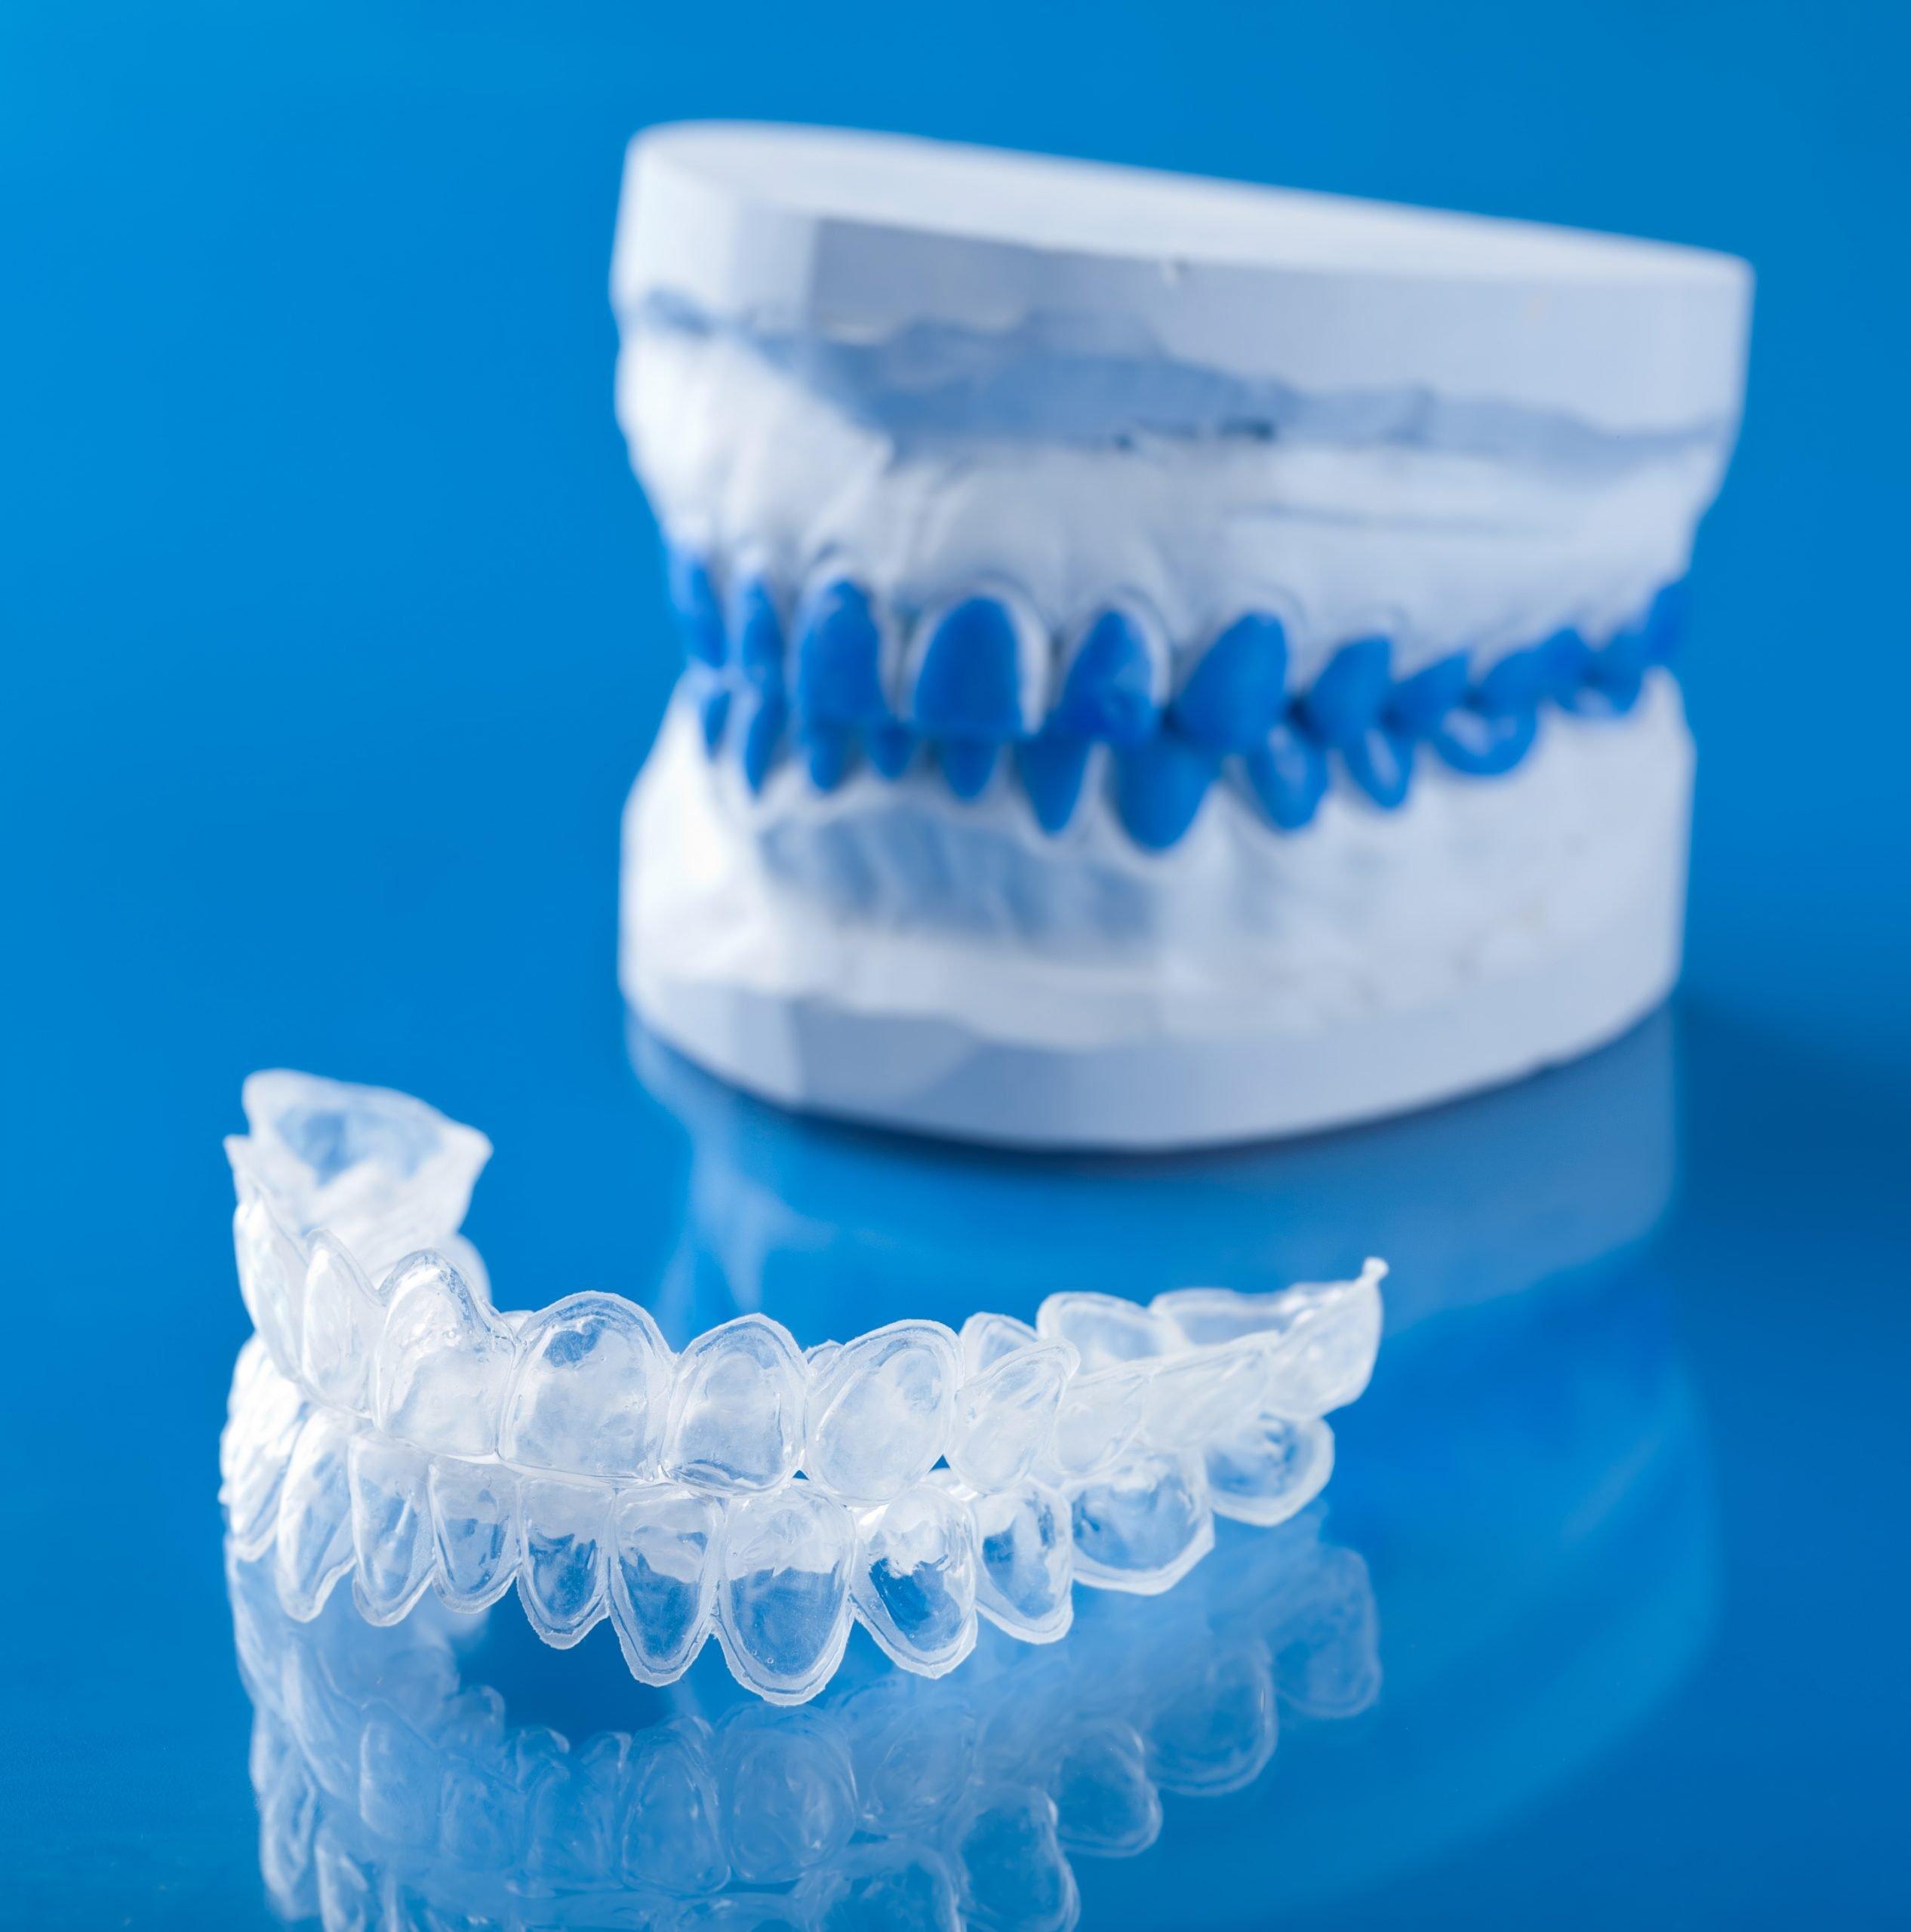 Allineatori dentali trasparenti